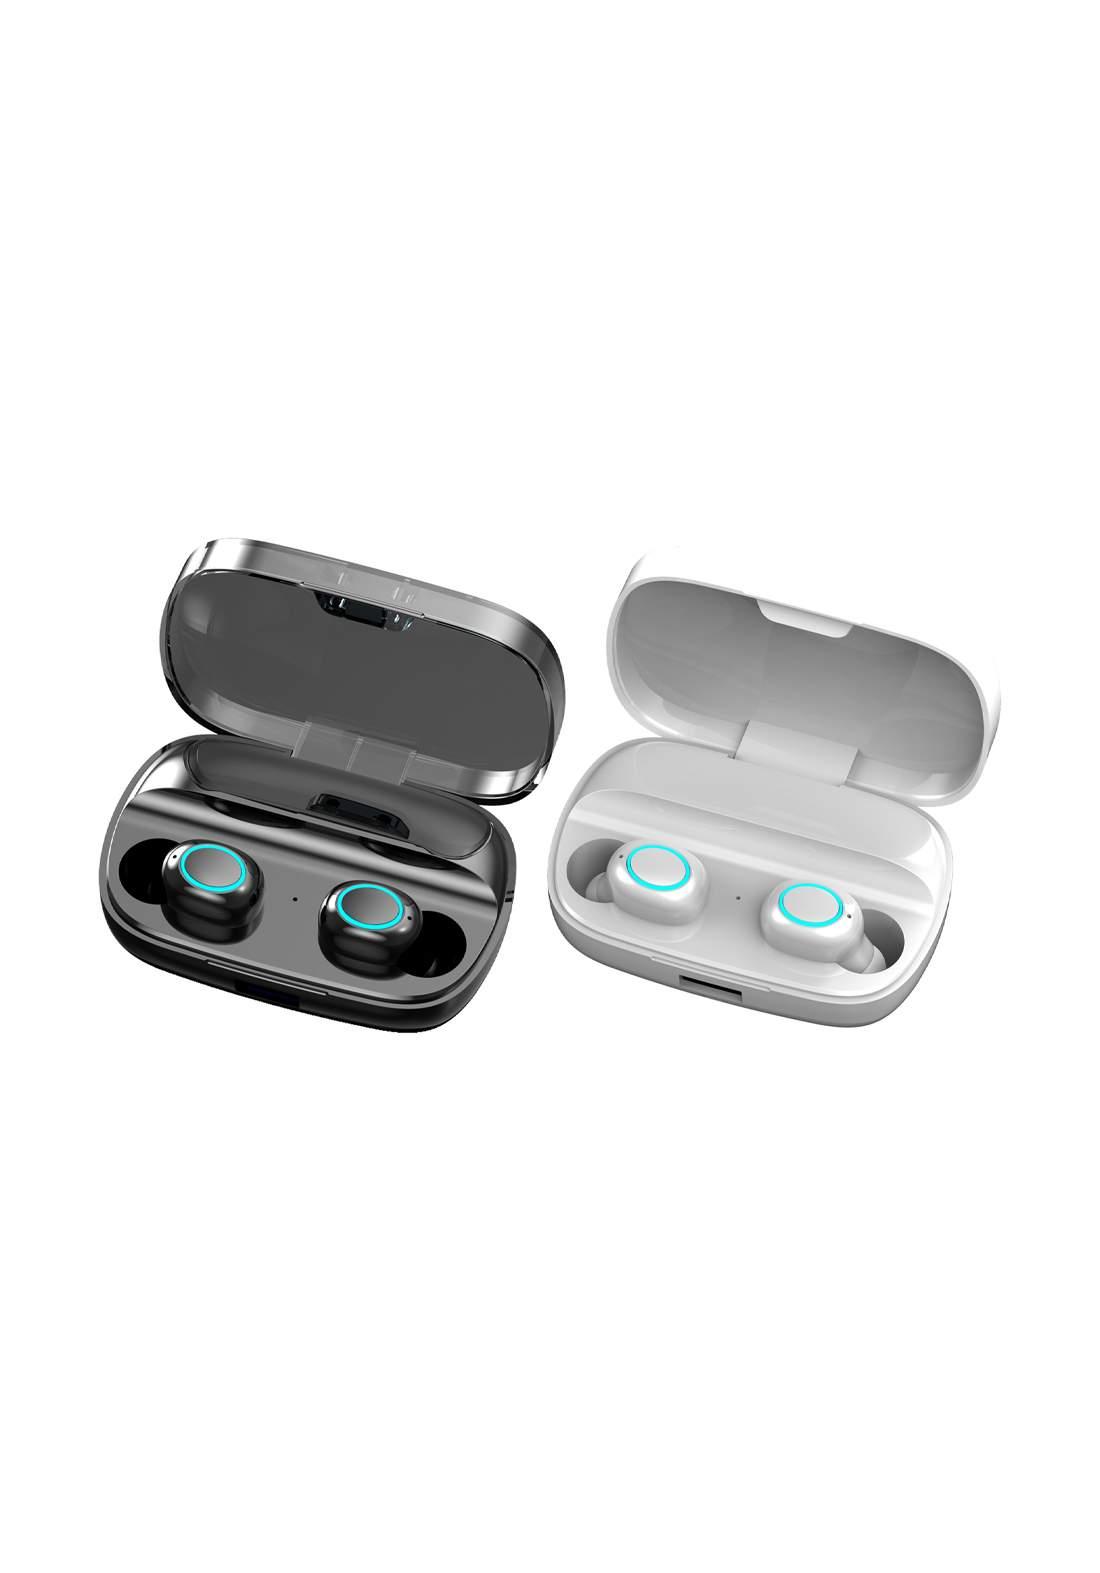 S11 TWS Wireless Bluetooth Earphones  سماعة لا سلكية